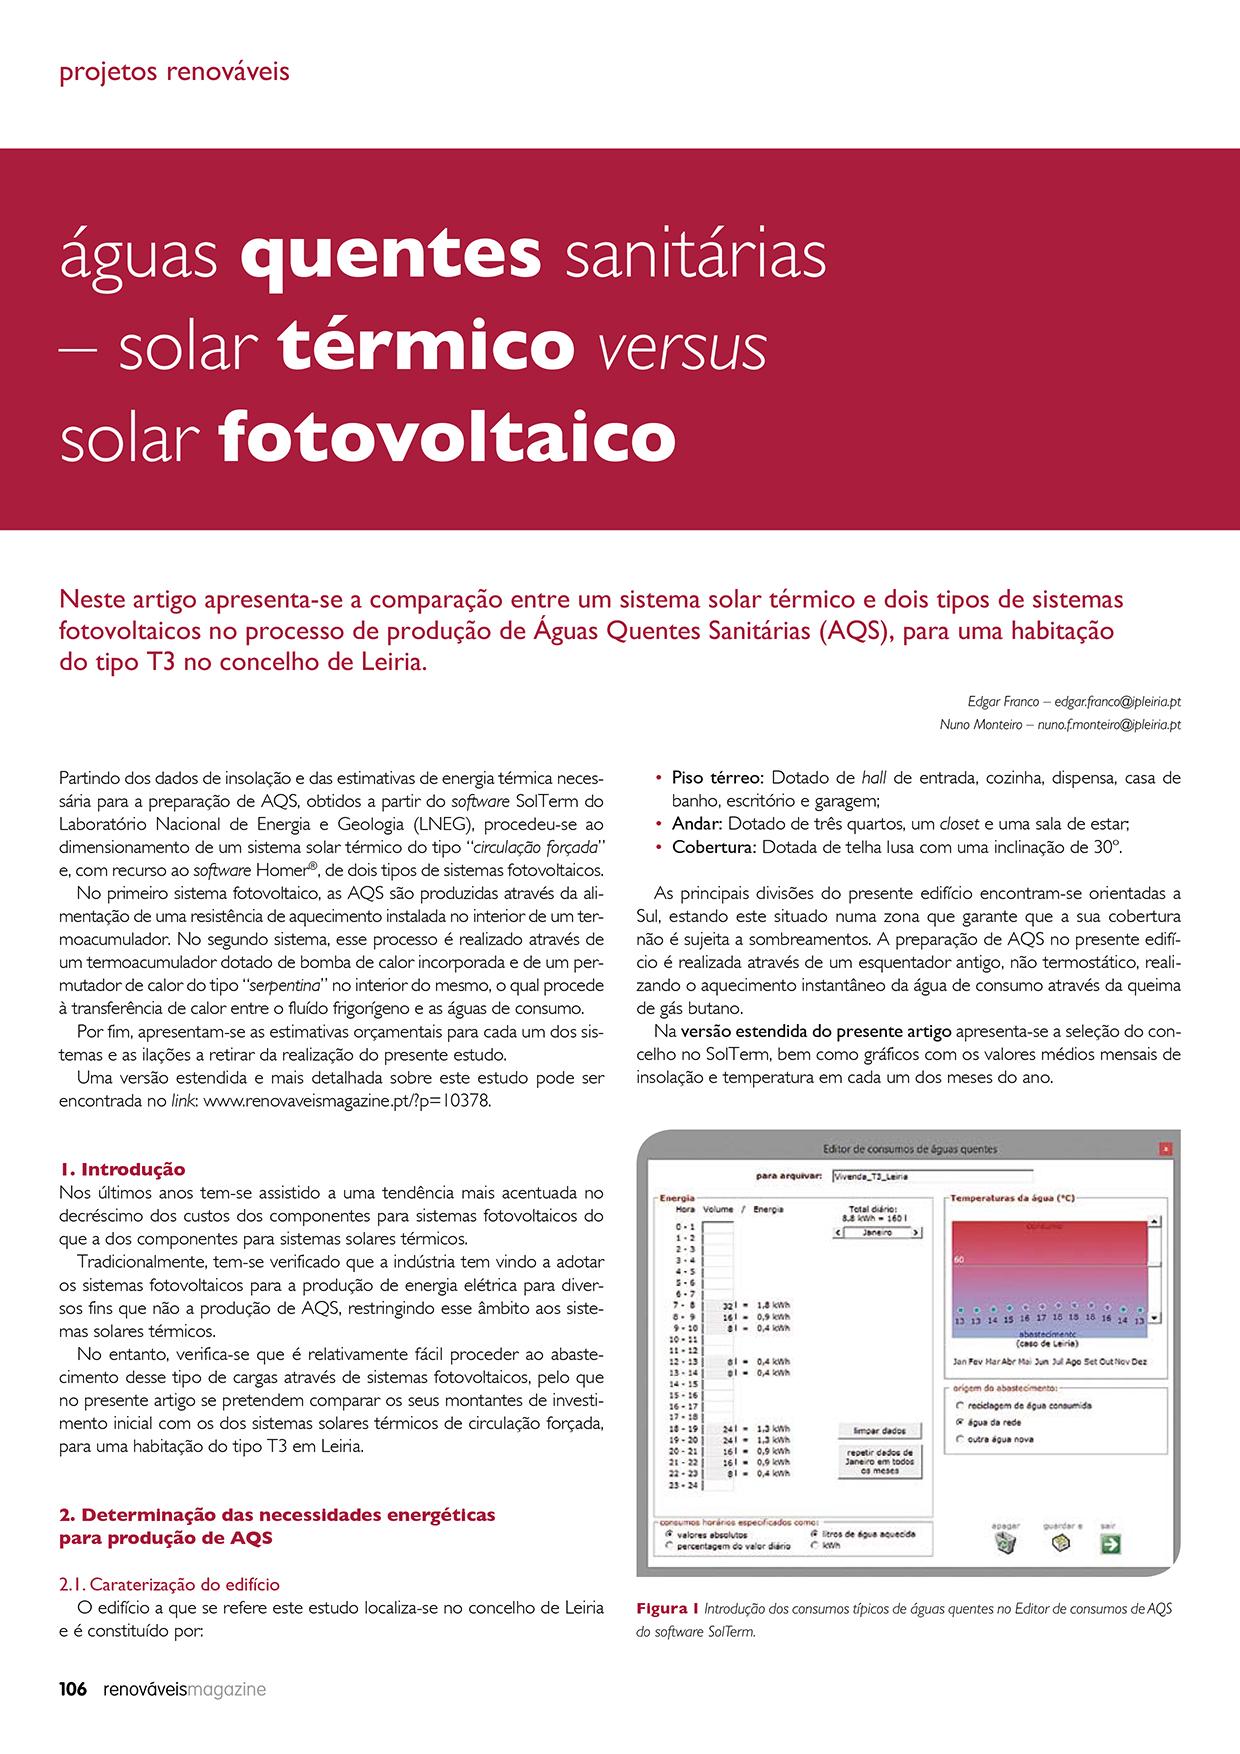 Artigo sobre Águas quentes sanitárias – solar térmico versus solar fotovoltaico